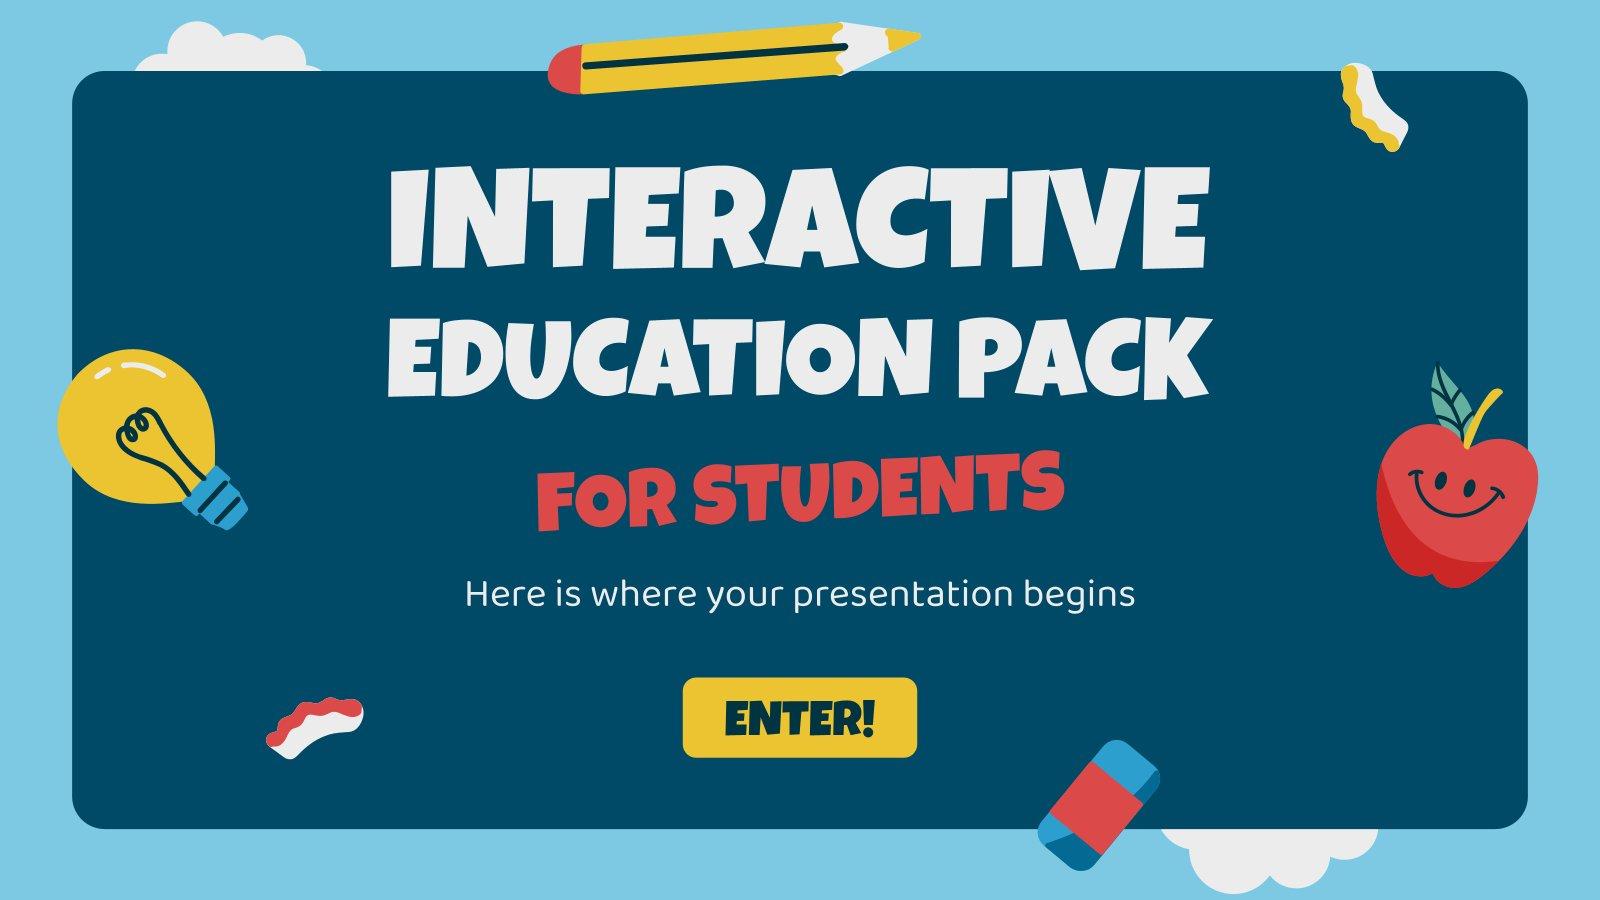 Kit pédagogique interactif pour les élèves : Modèles de présentation